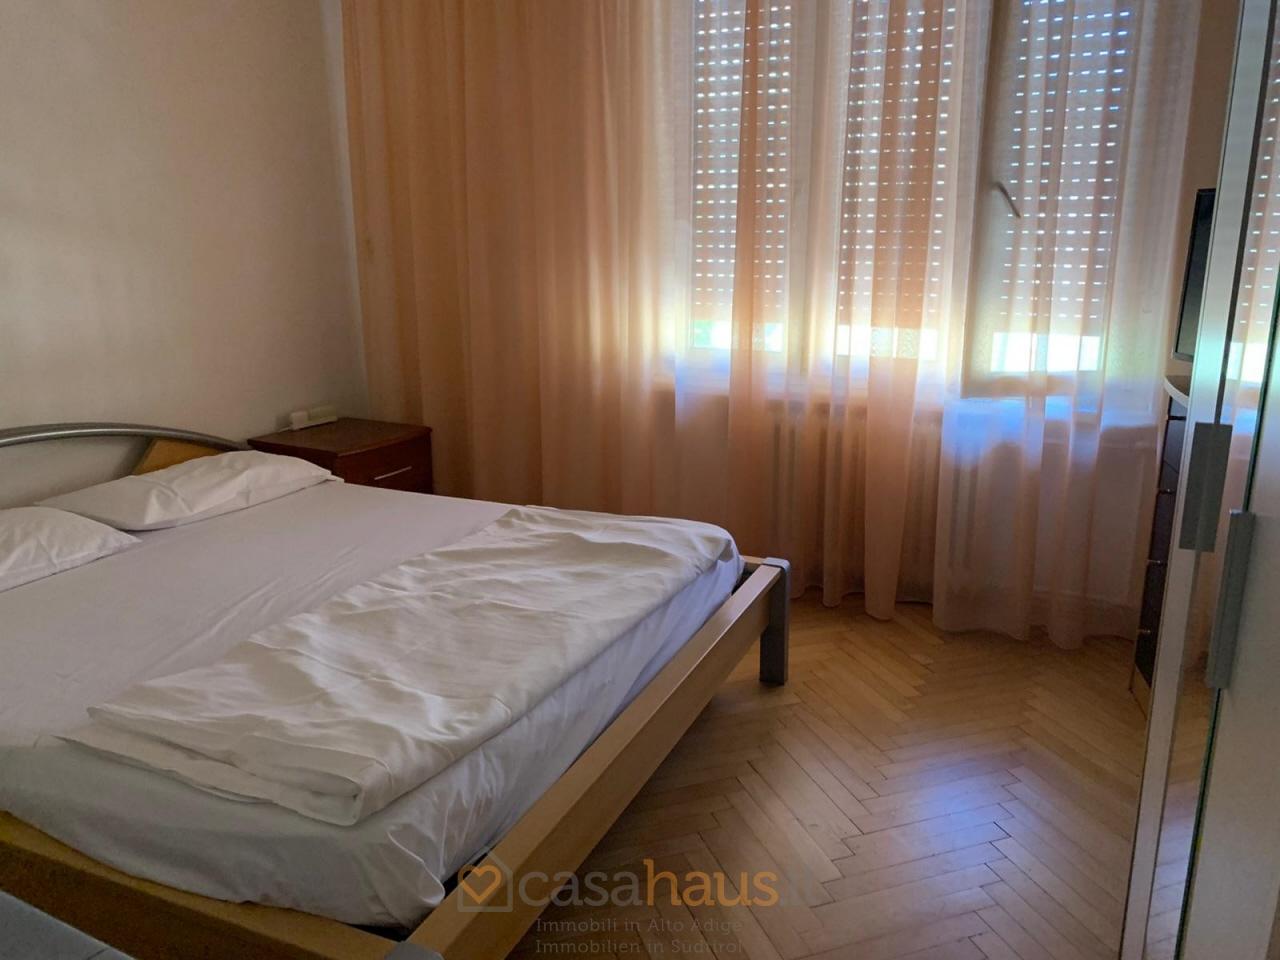 Appartamento in affitto a Bolzano, 3 locali, prezzo € 1.100 | PortaleAgenzieImmobiliari.it